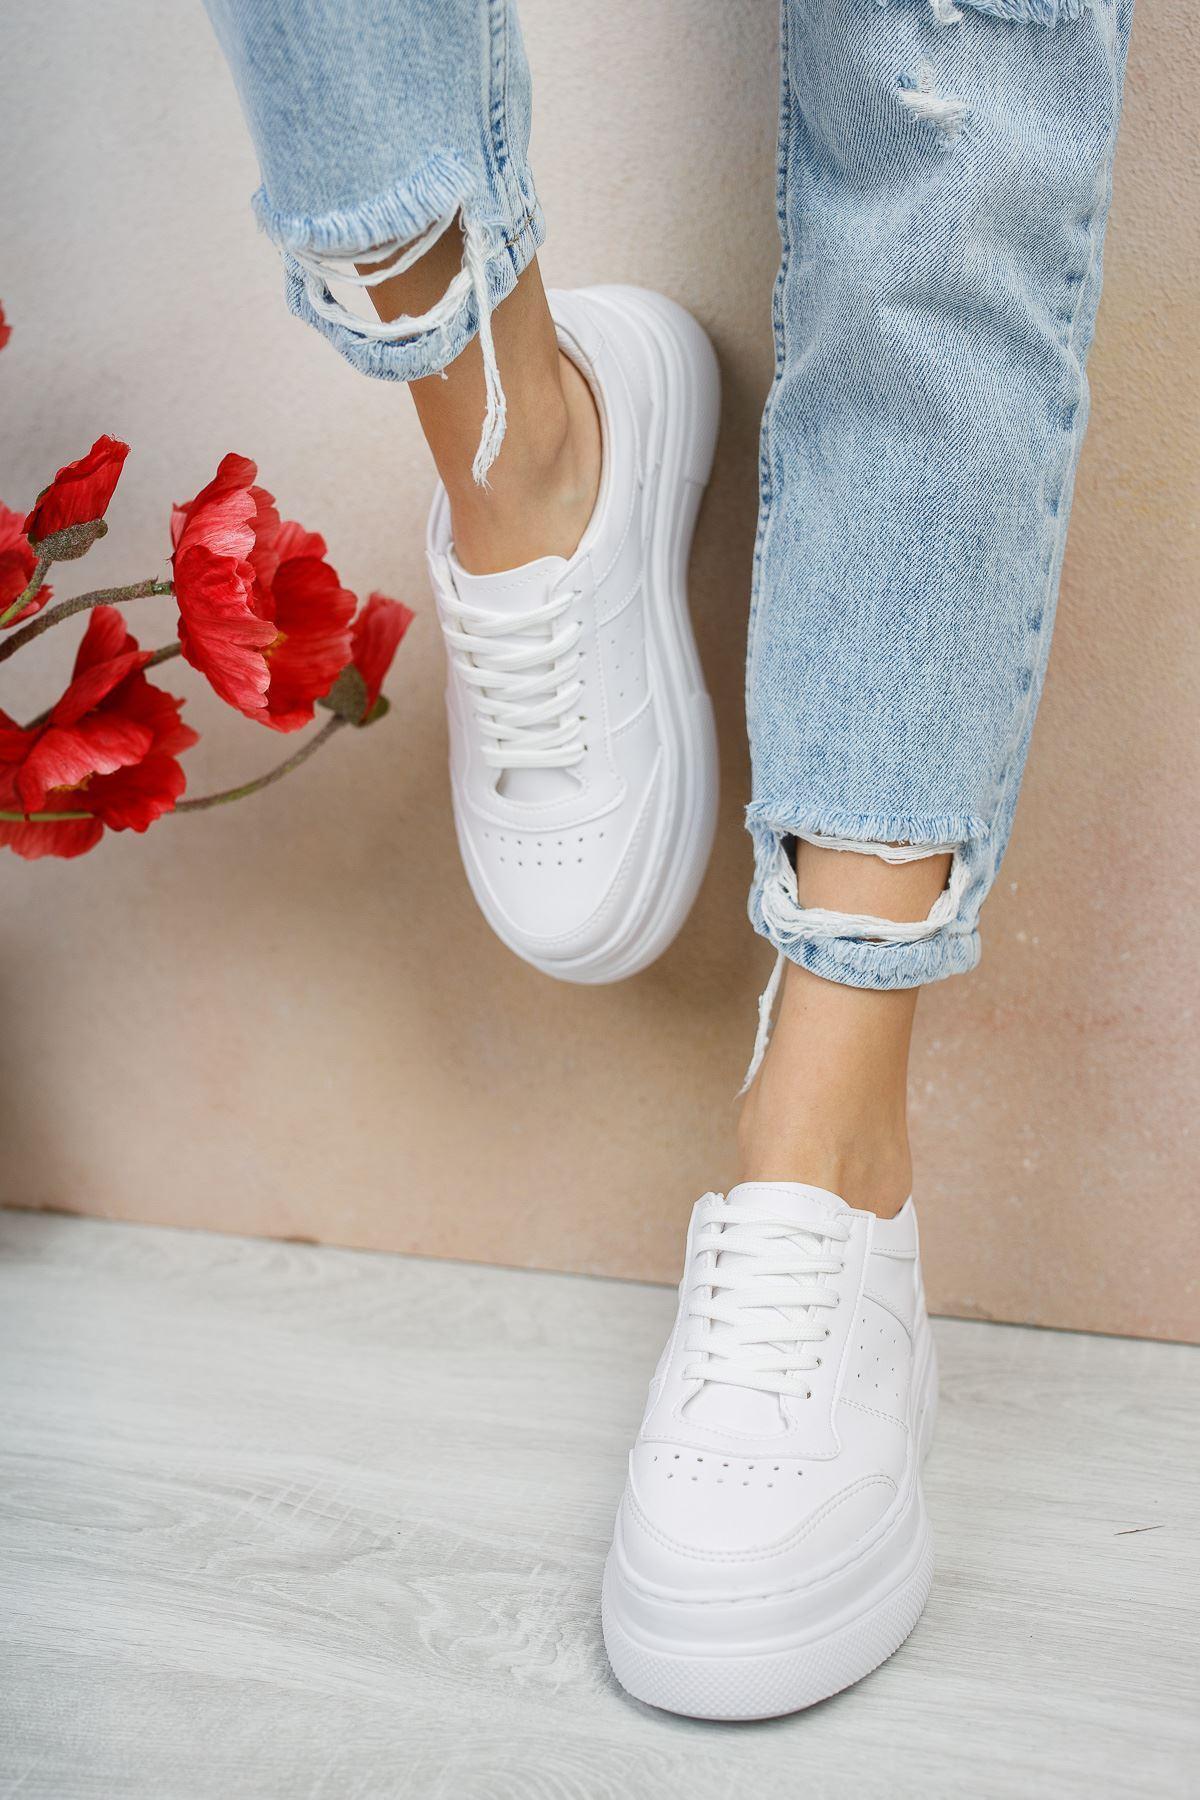 Oreta Yüksek Taban Kadın Spor Ayakkabı